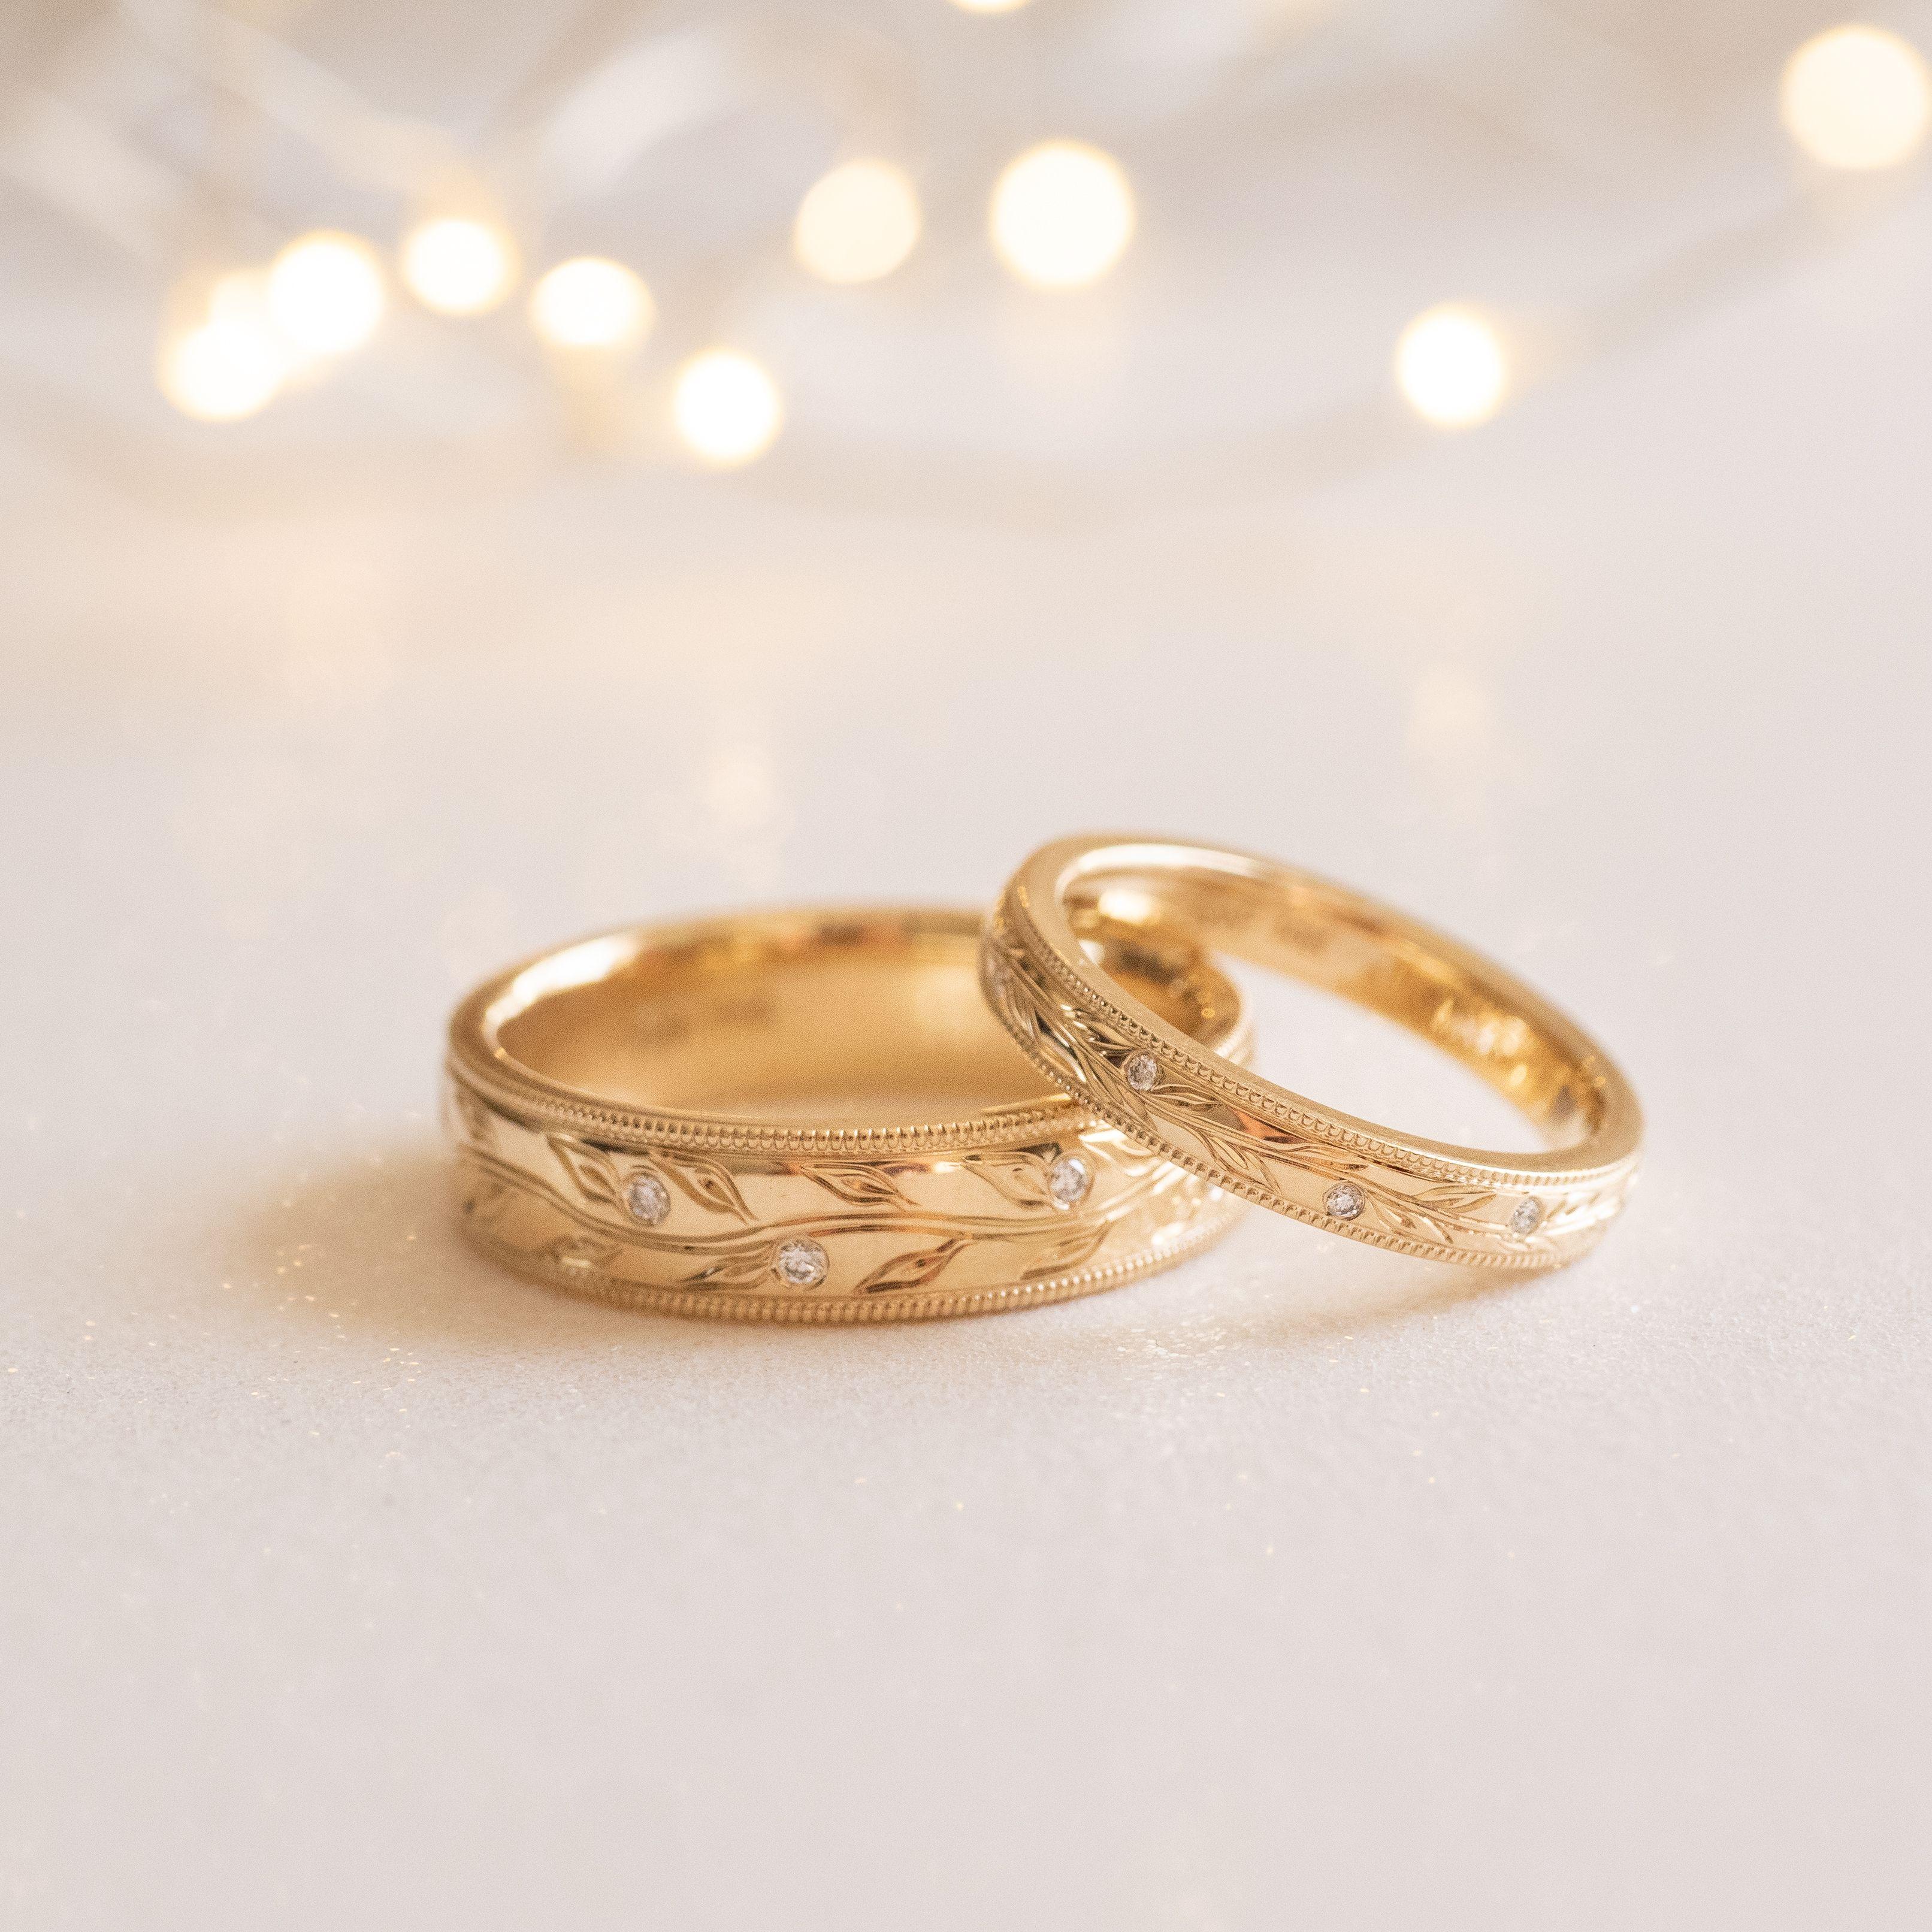 Matching Wedding Rings Mens Wedding Rings Gold Engraved Wedding Rings Matching Wedding Rings